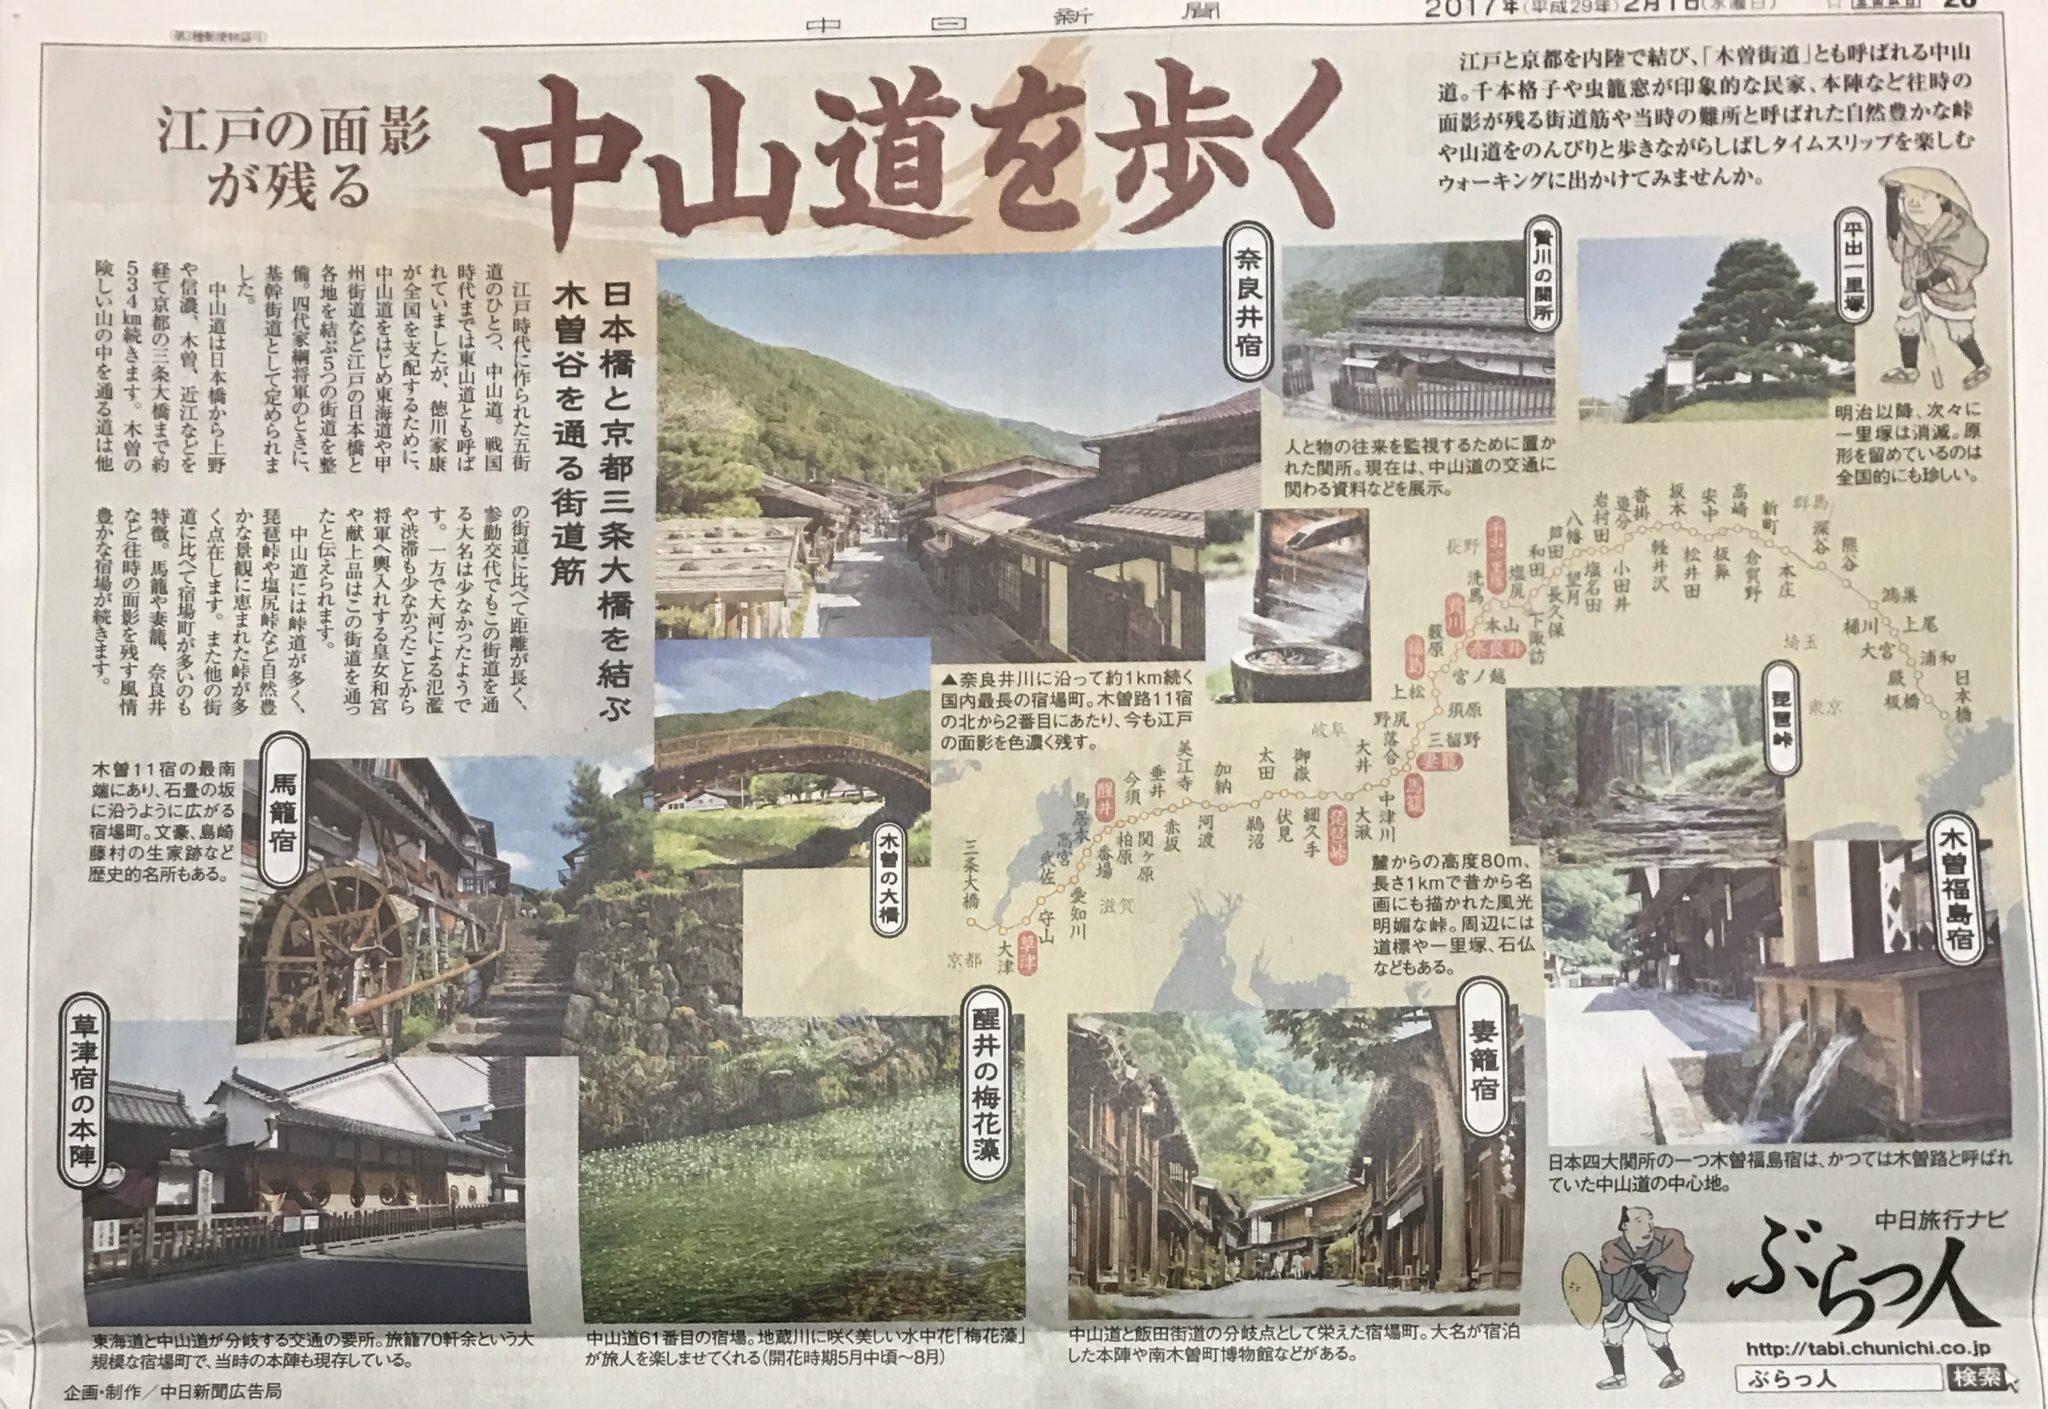 『街道好き』新聞スクラップ「中山道を歩く」